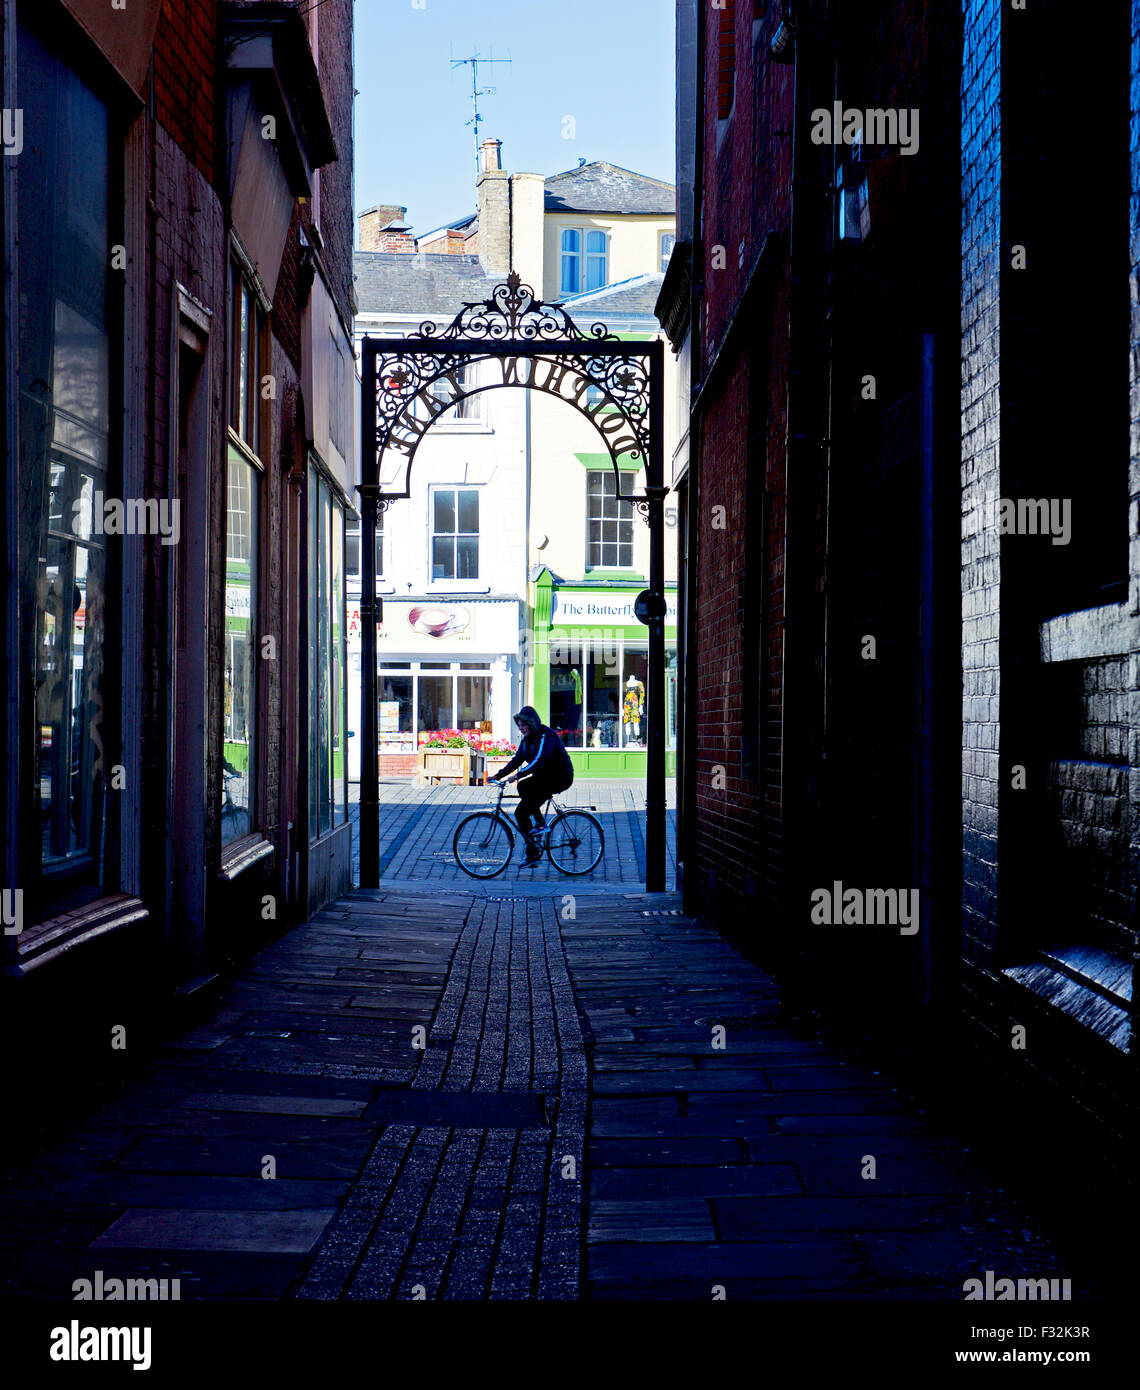 Callejón en Boston, Lincolnshire, Inglaterra Imagen De Stock